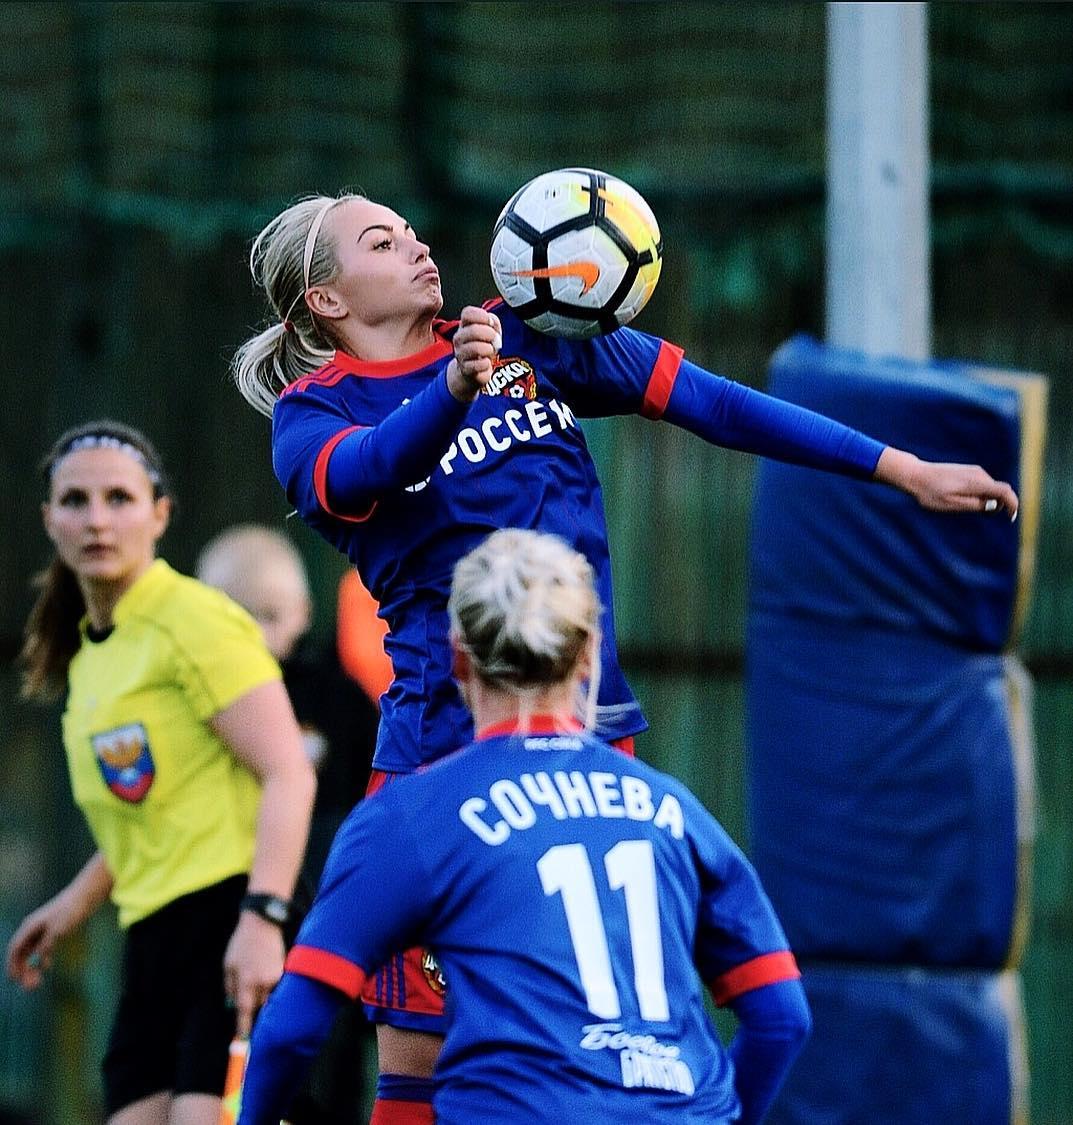 Футбол для Ксении пока на первом месте в жизни